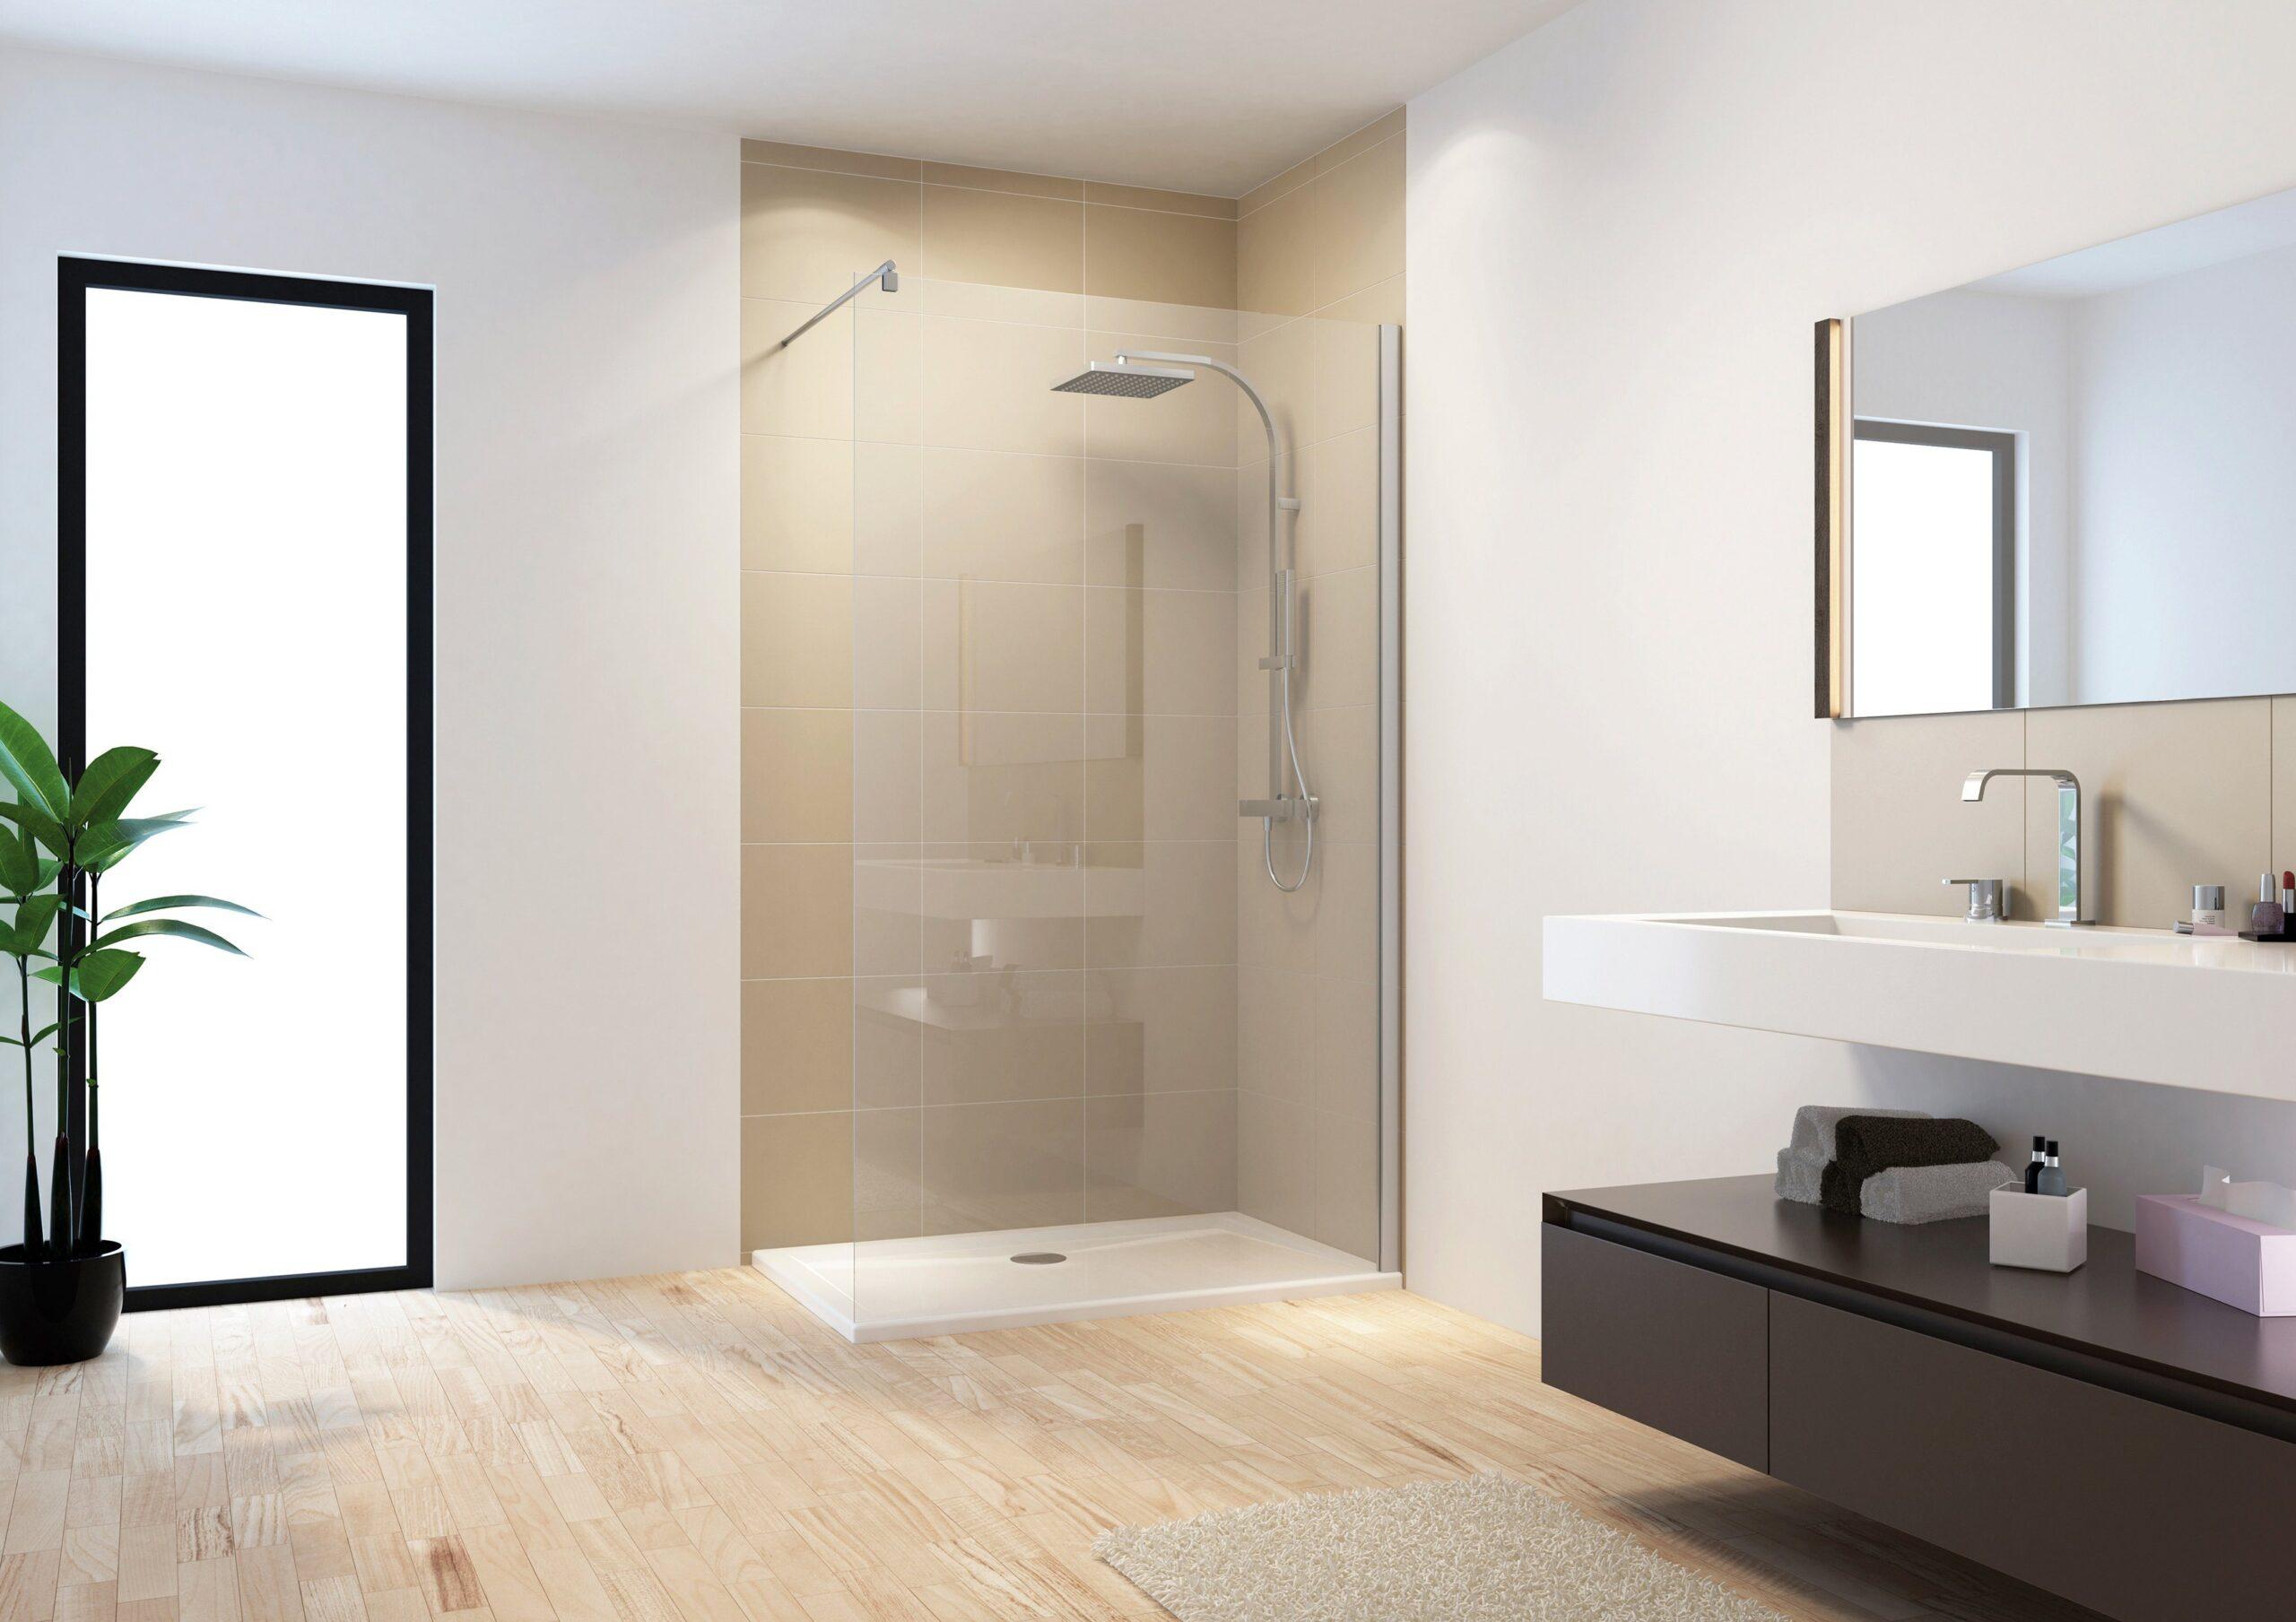 Full Size of Duschen Kaufen Walk In Dusche 160 Preisvergleich Besten Angebote Online Esstisch Bett Aus Paletten Sofa Günstig Gebrauchte Fenster Breuer Verkaufen Betten Dusche Duschen Kaufen